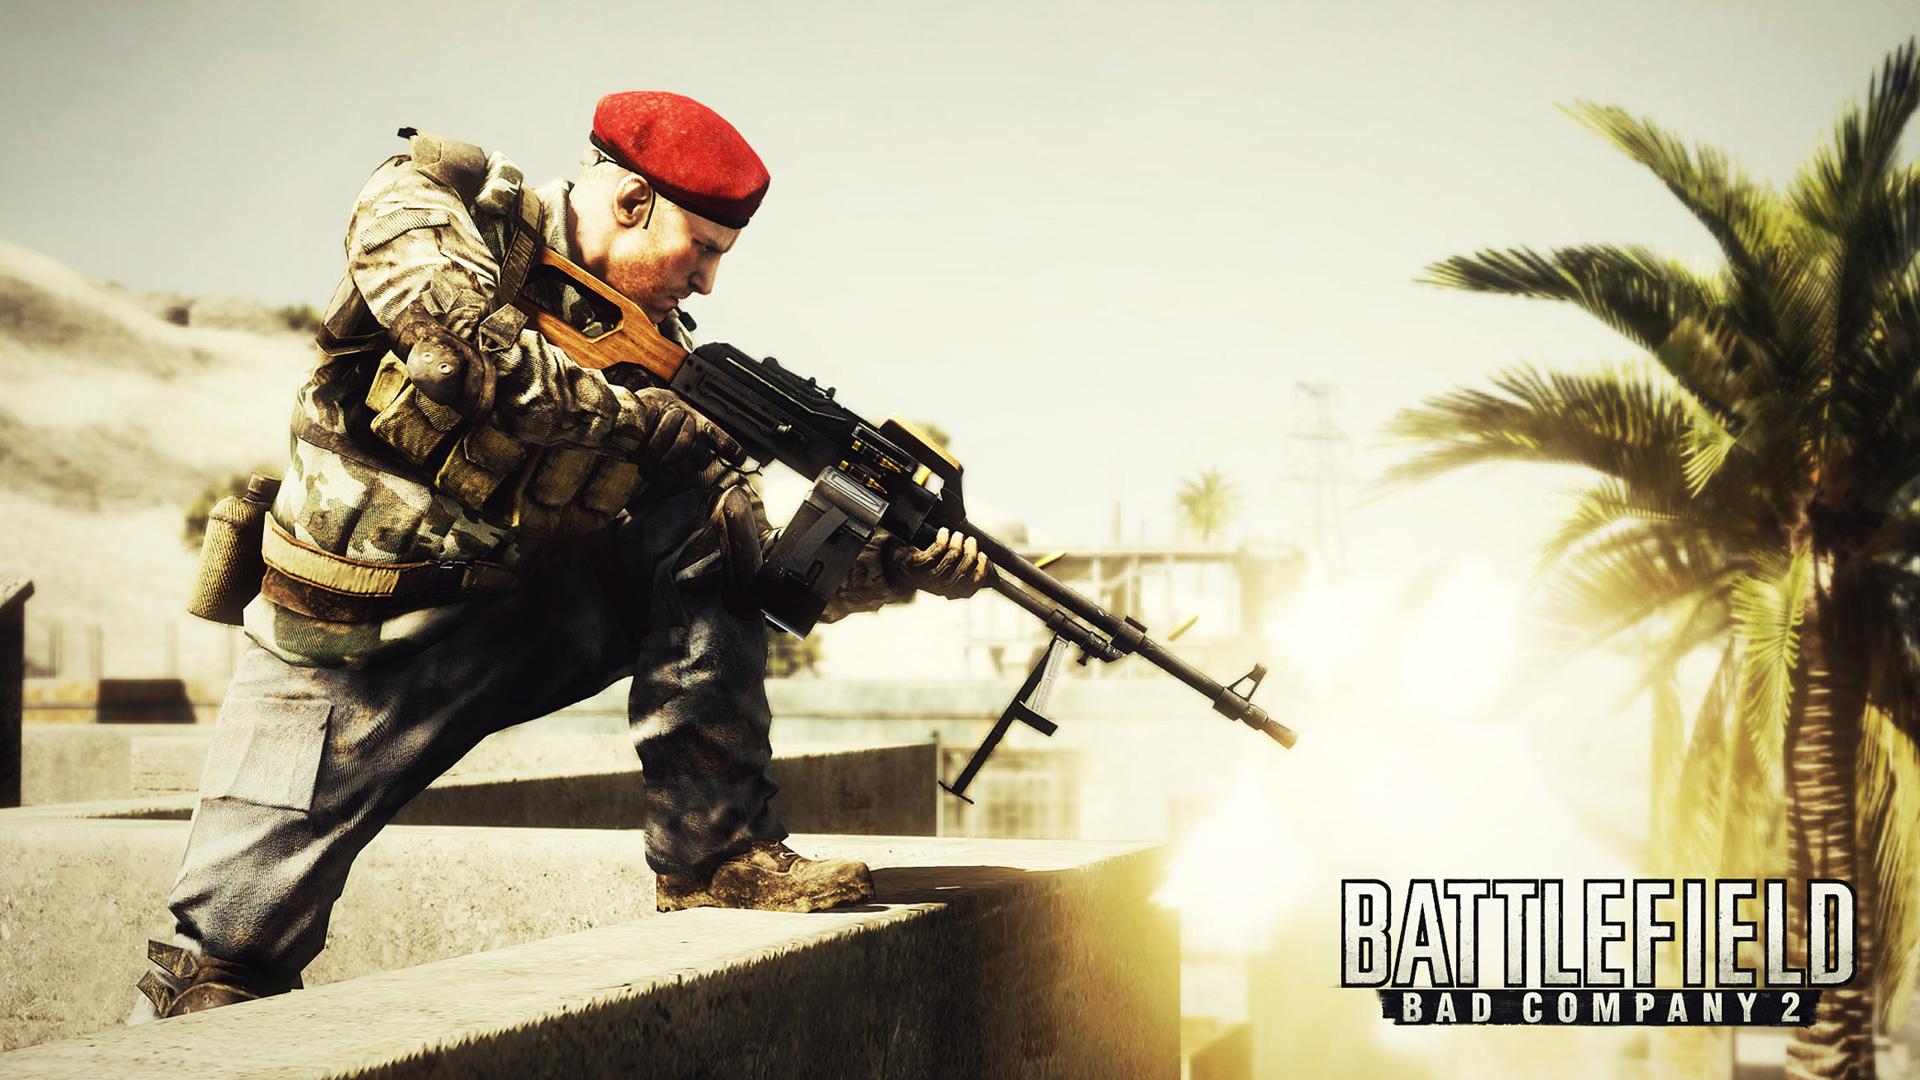 Battlefield: Bad Company 2 Wallpaper in 1920x1080